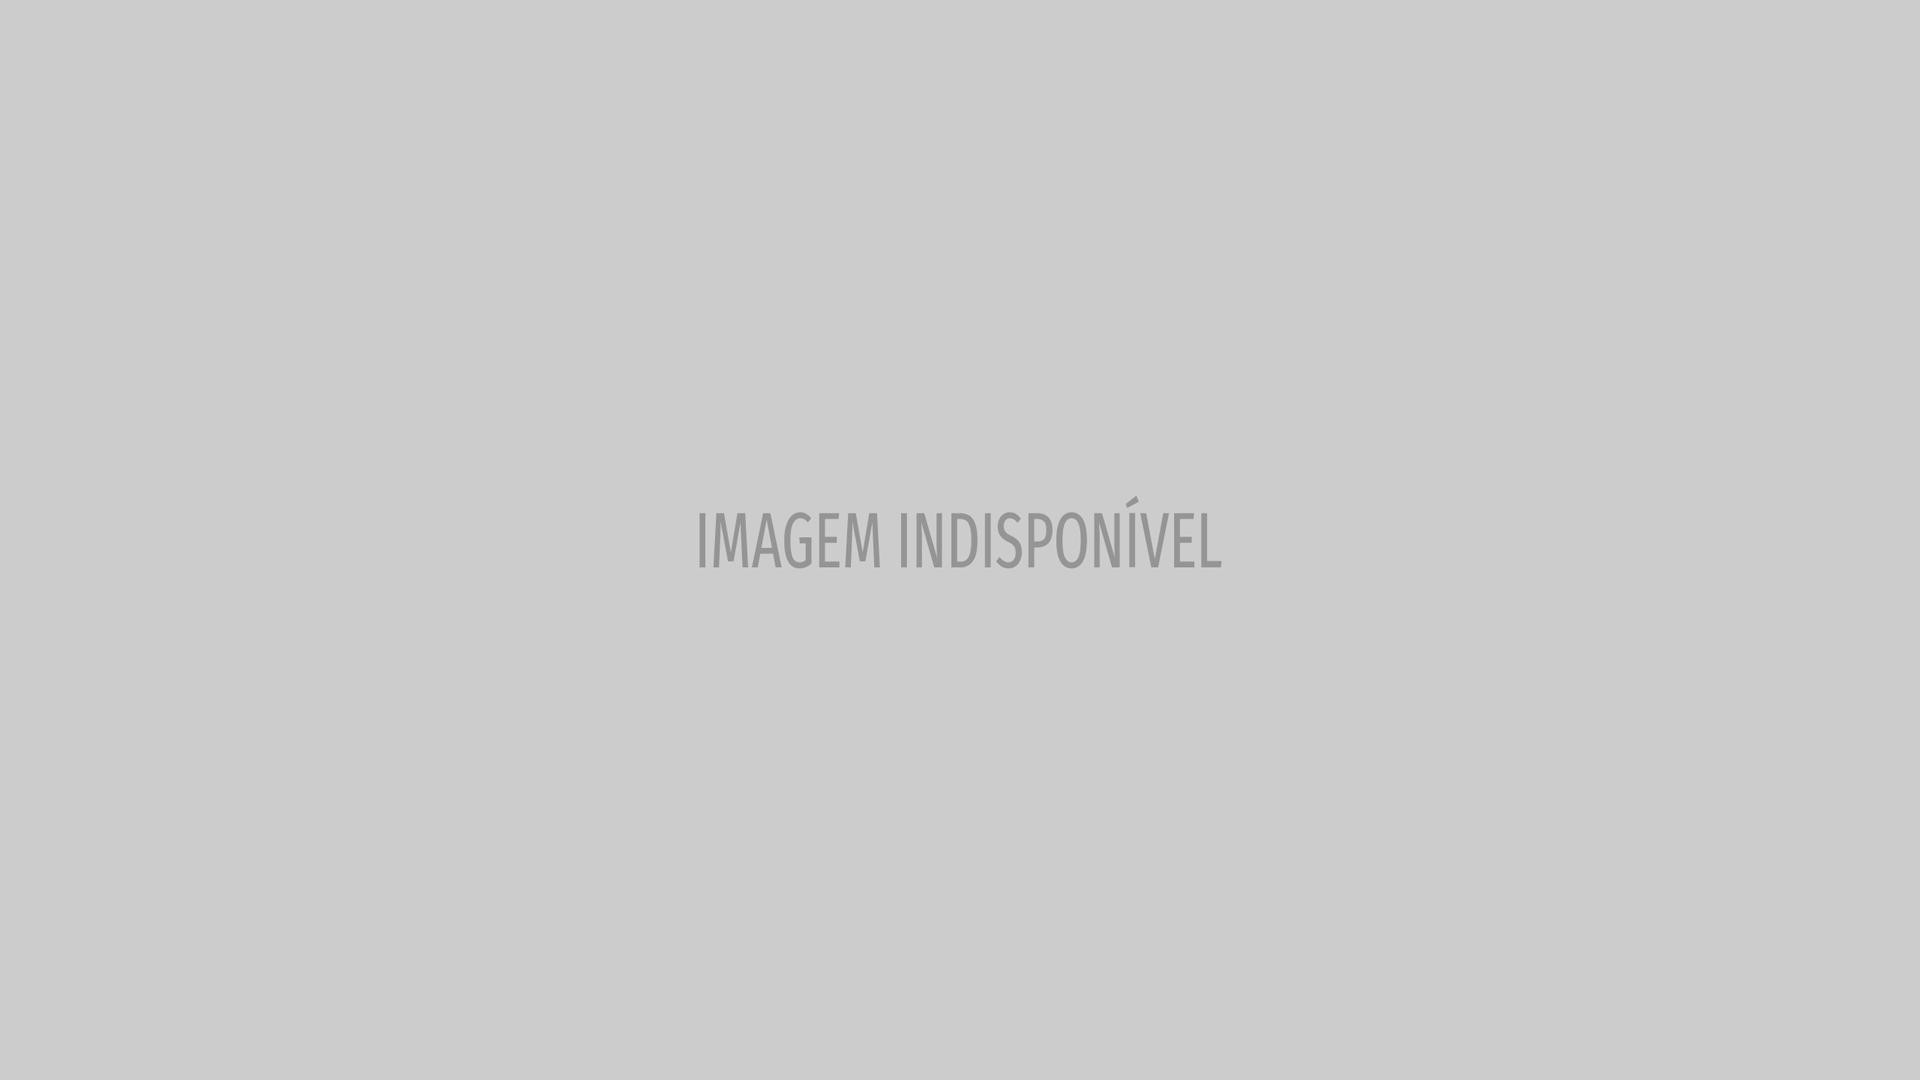 Ivete manda recado para família Gagliasso após ataques: 'Amor vencerá'